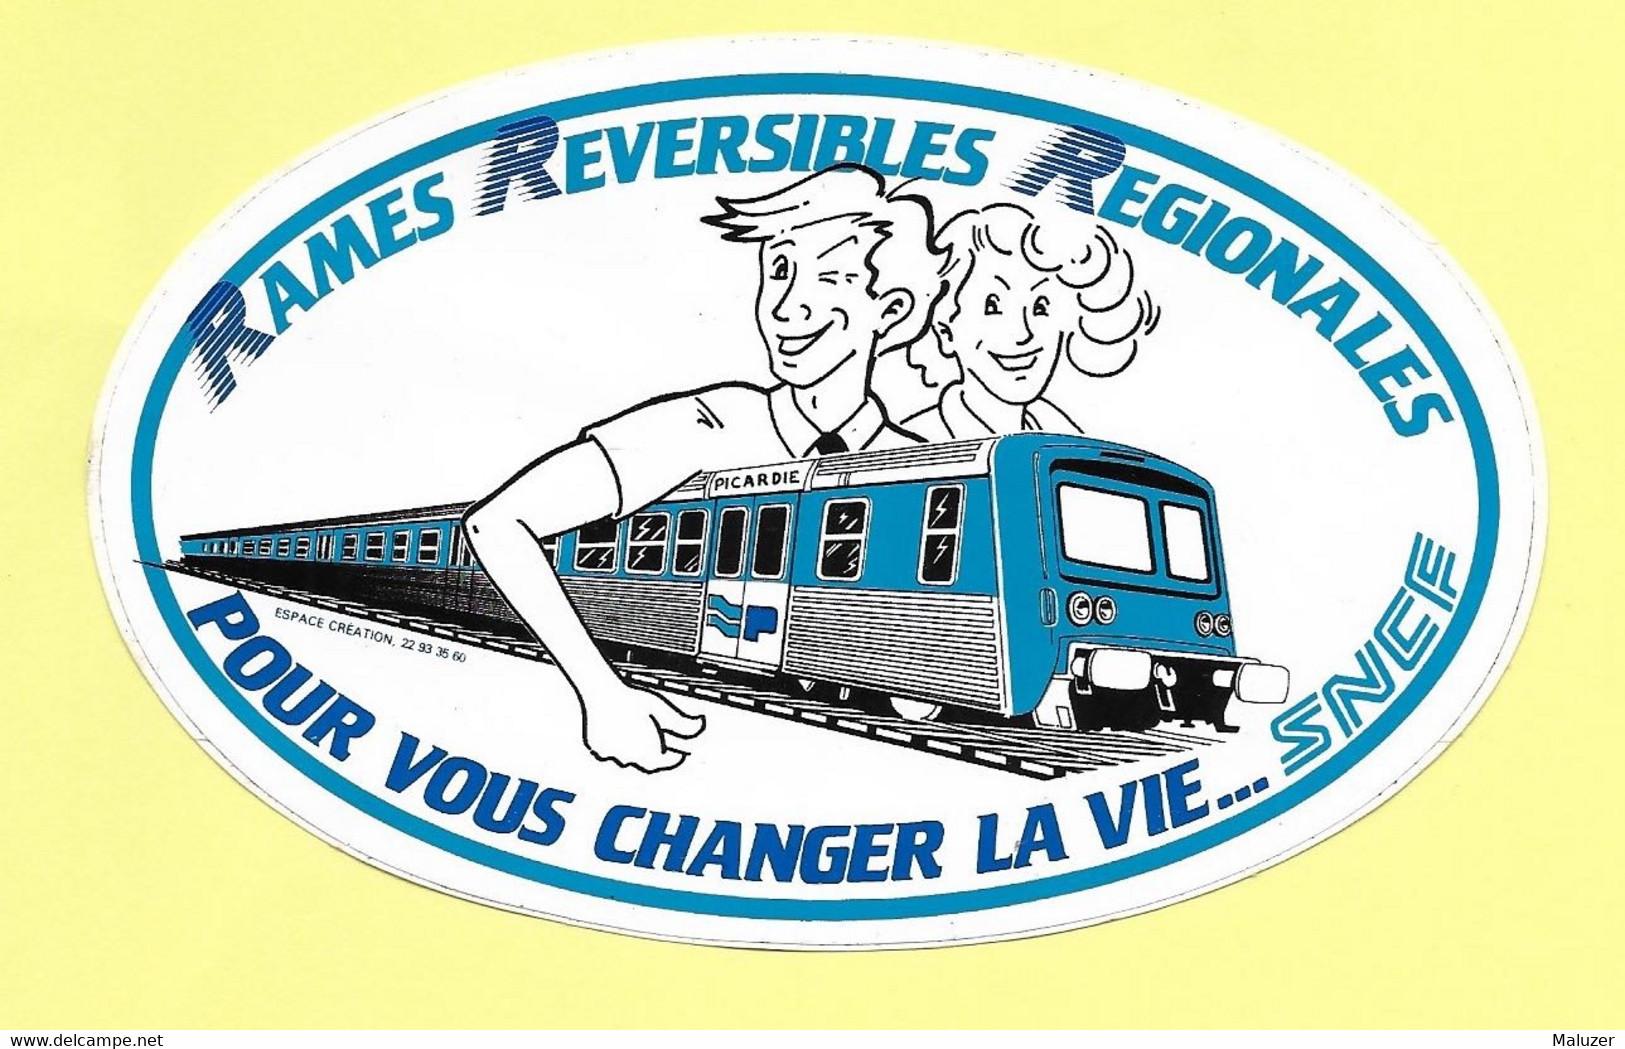 AUTOCOLLANT STICKER - SNCF PICARDIE - RAMES REVERSIBLES REGIONALES POUR VOUS CHANGER LA VIE - Stickers